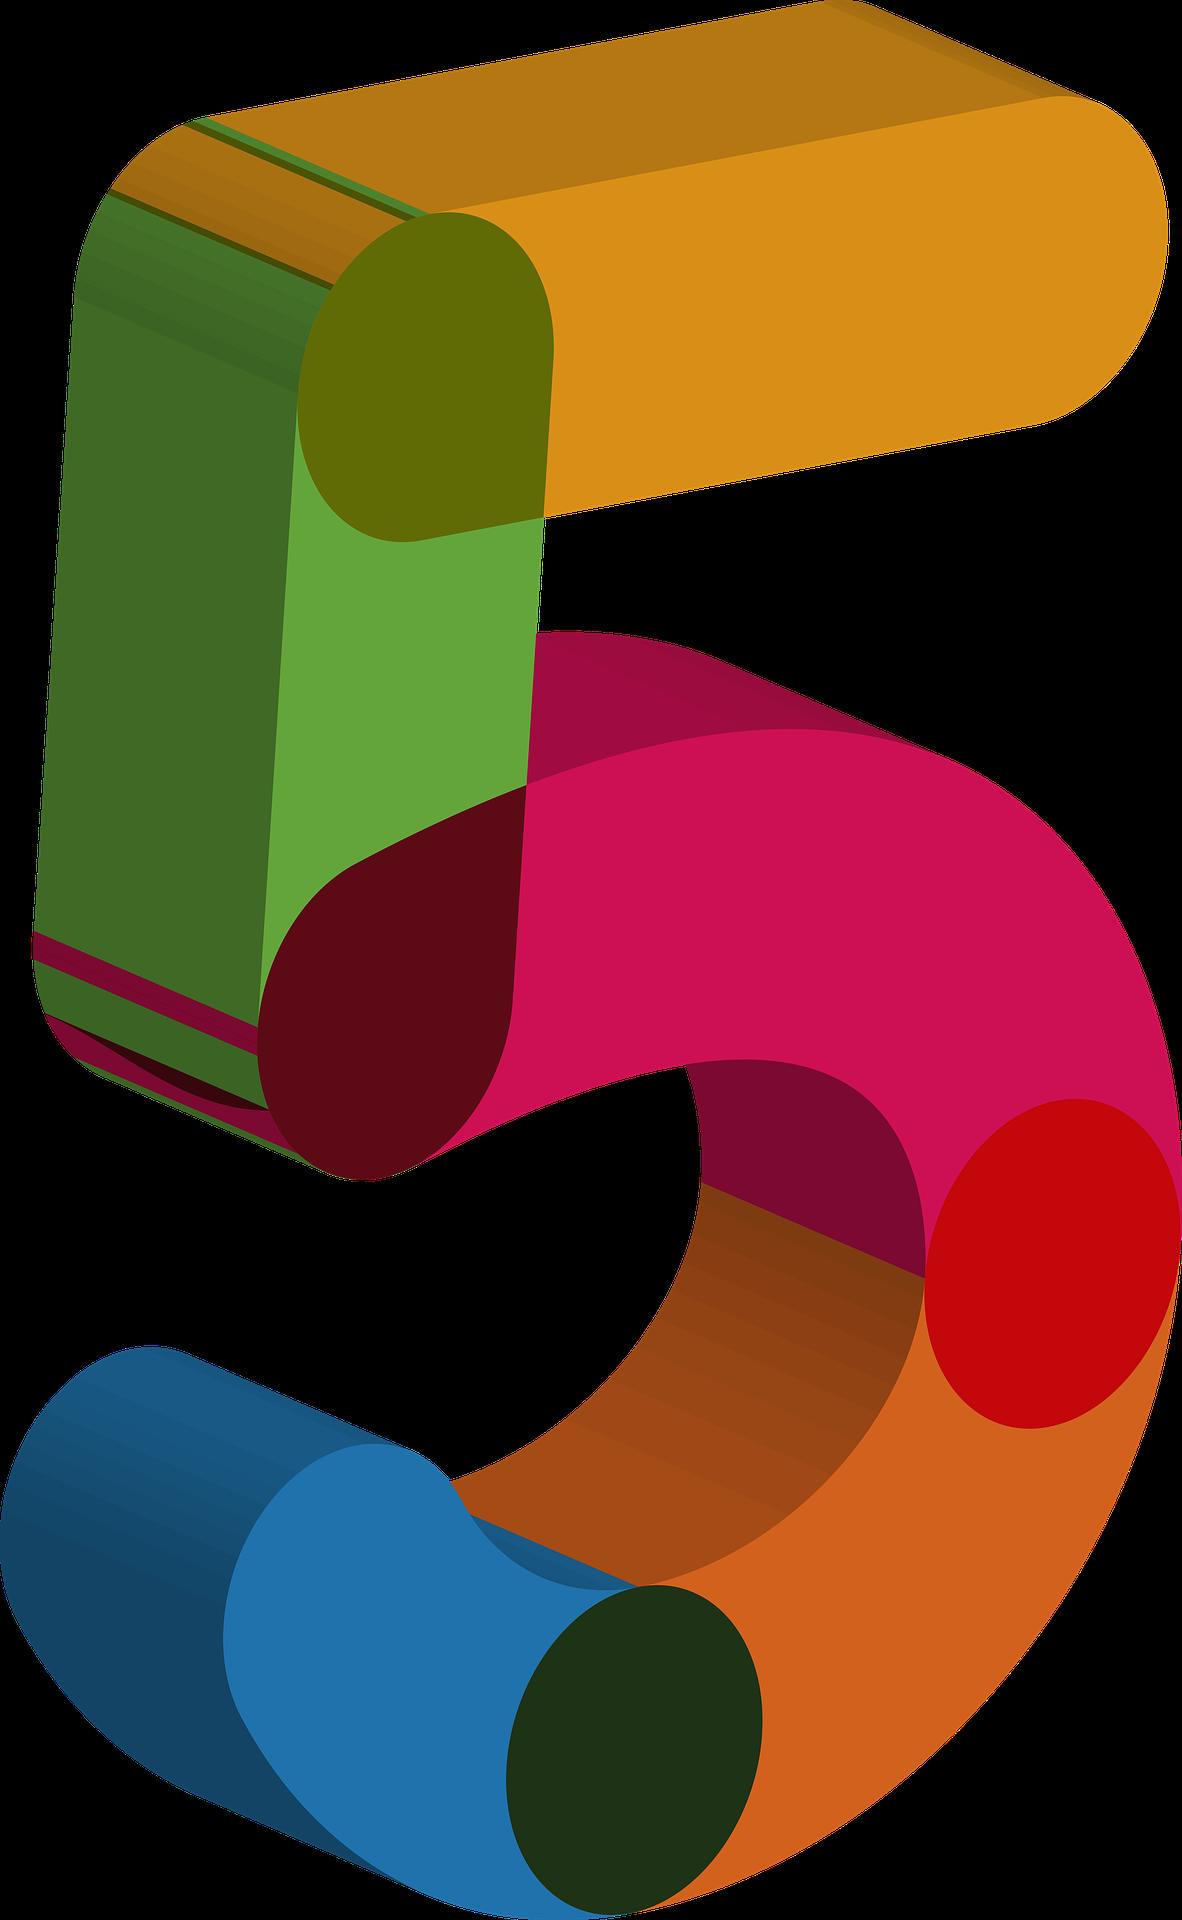 Pramit Marattha from Pixabay